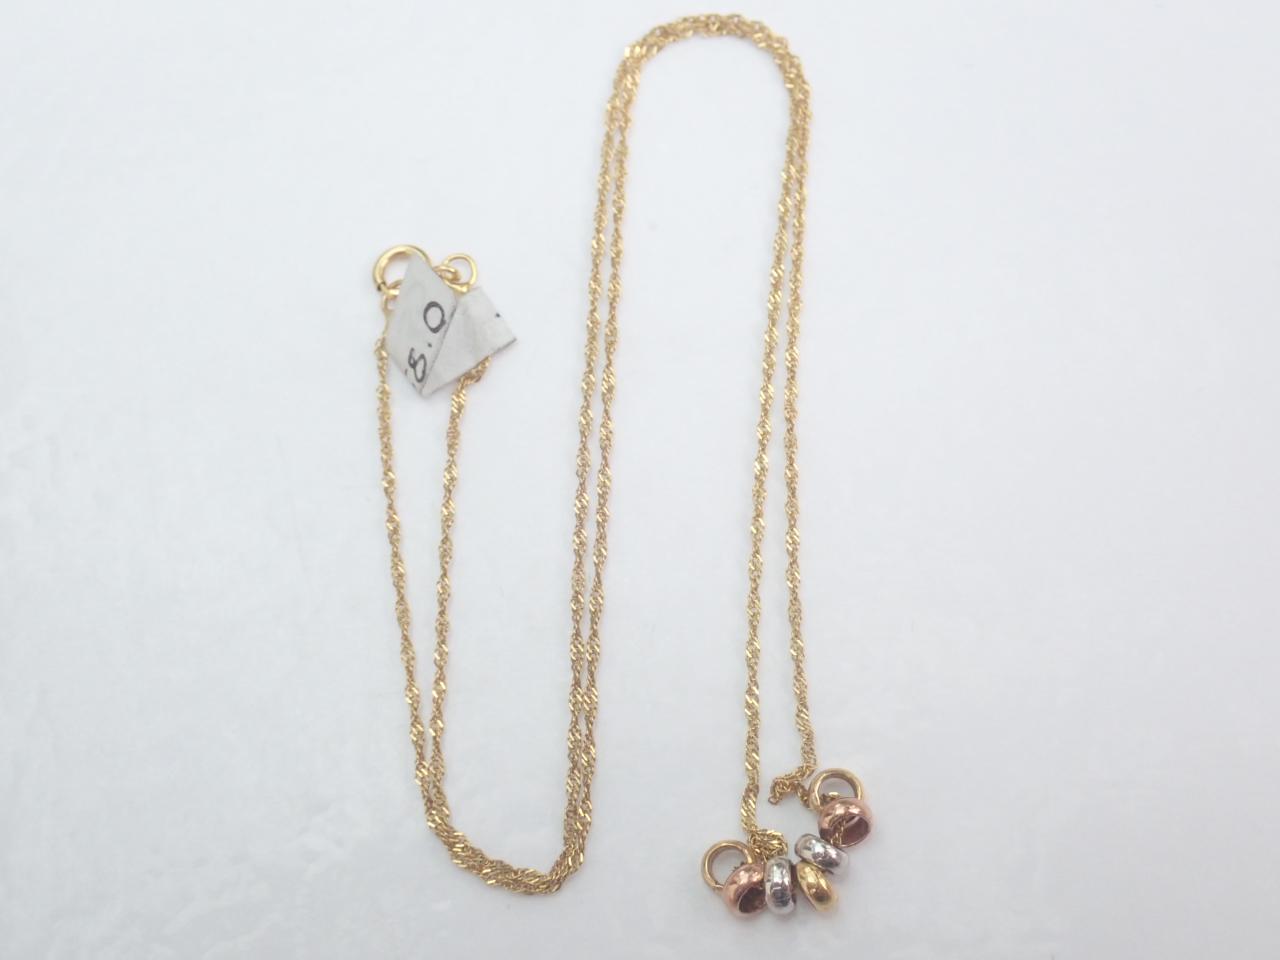 9K Tri coloured Gold Pendant 16 inch Chain